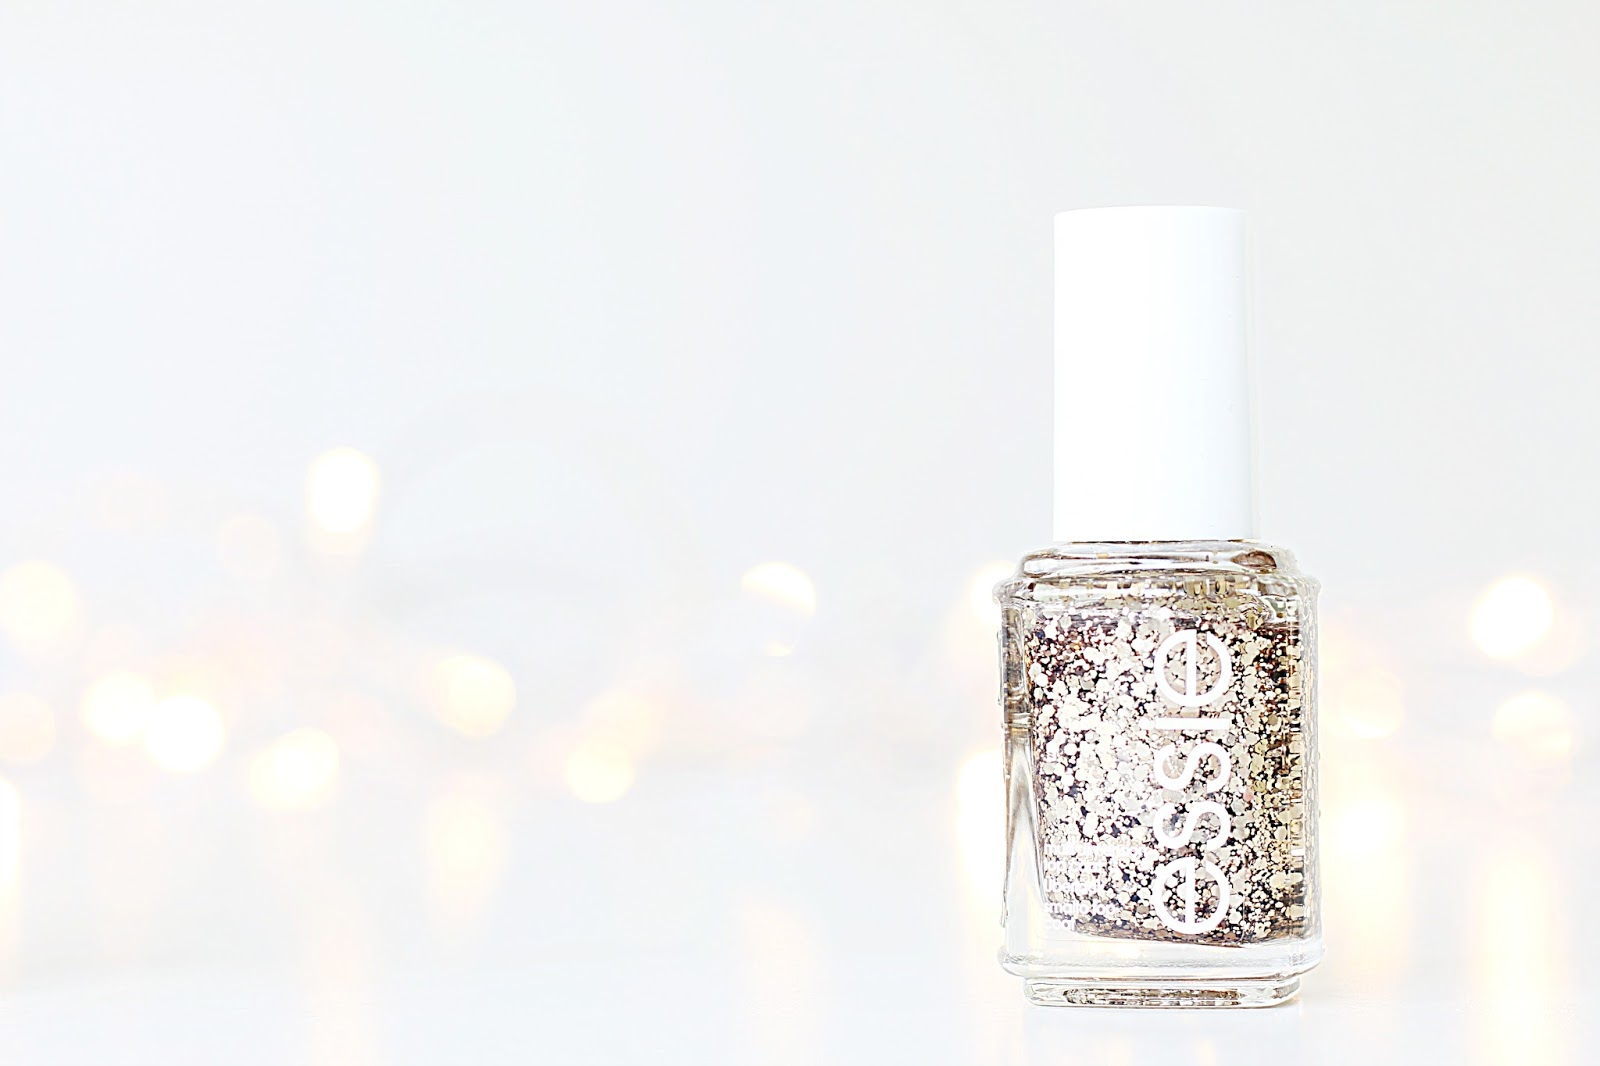 Beauty, Nail Polish, Essie, Essie Nail Polish, Essie Nail Collection, Drugstore, Nails, Make up, Essie Mint candy apple, essie minimalistic, essie summit of style, essie cocktail bling, essie muchi muchi, essie blossom dandy, essie fiji, where to buy cheap essie nail polish